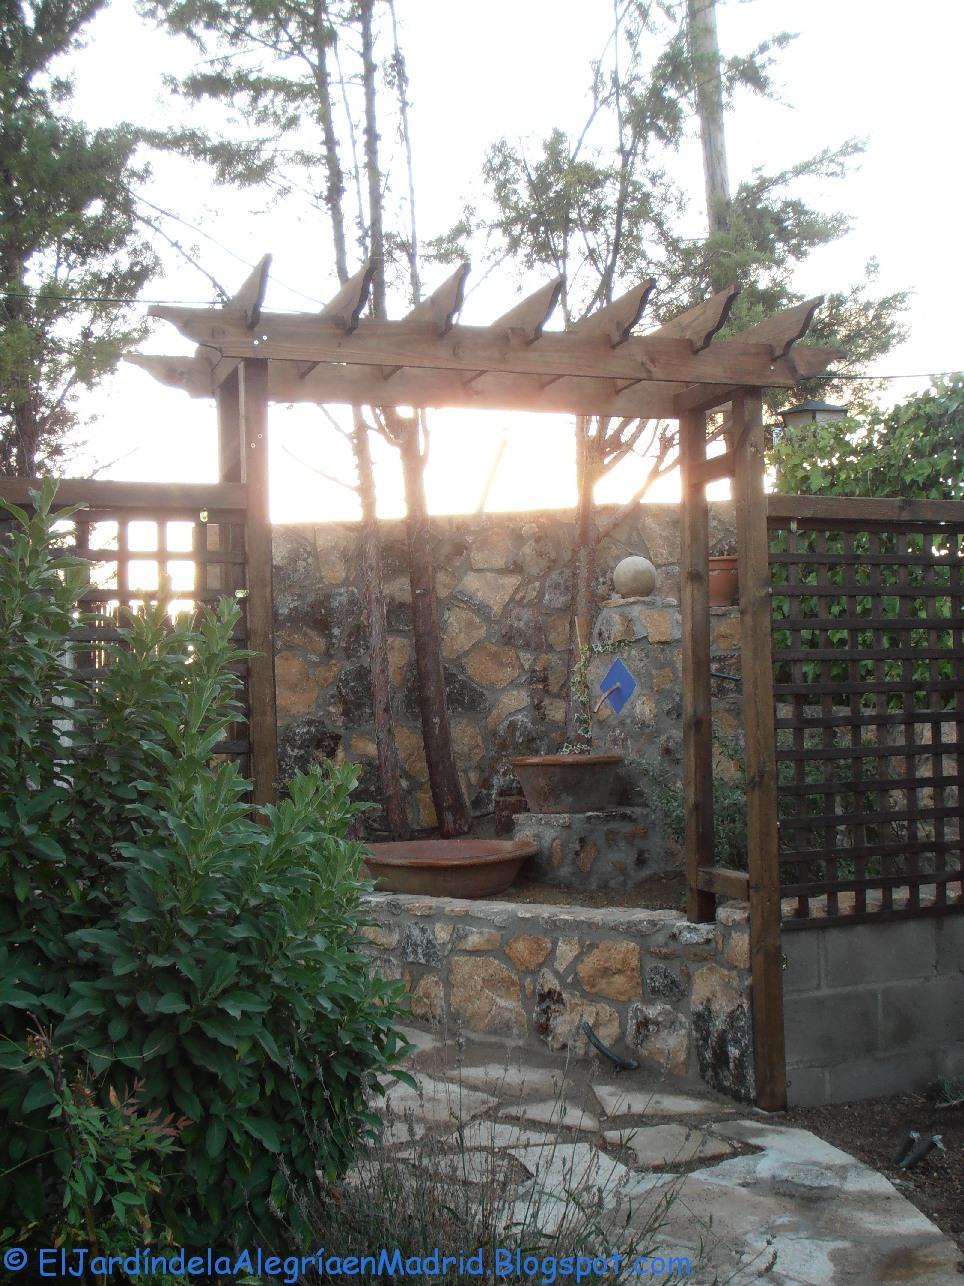 El jard n de la alegr a constru mos un arco de madera for Arcos para jardin